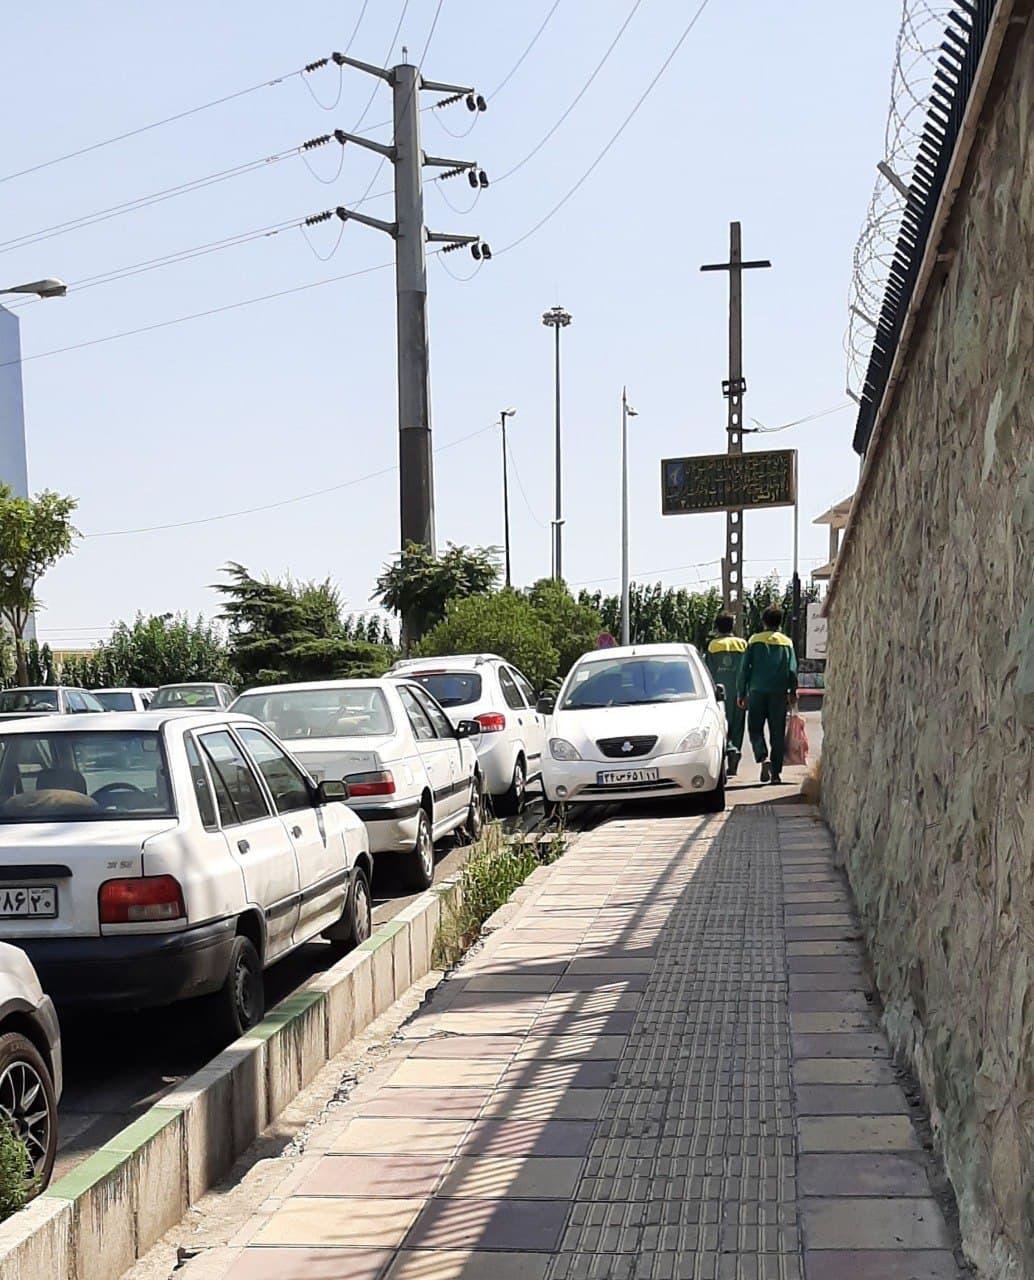 پارک خودرو در پیاده رو